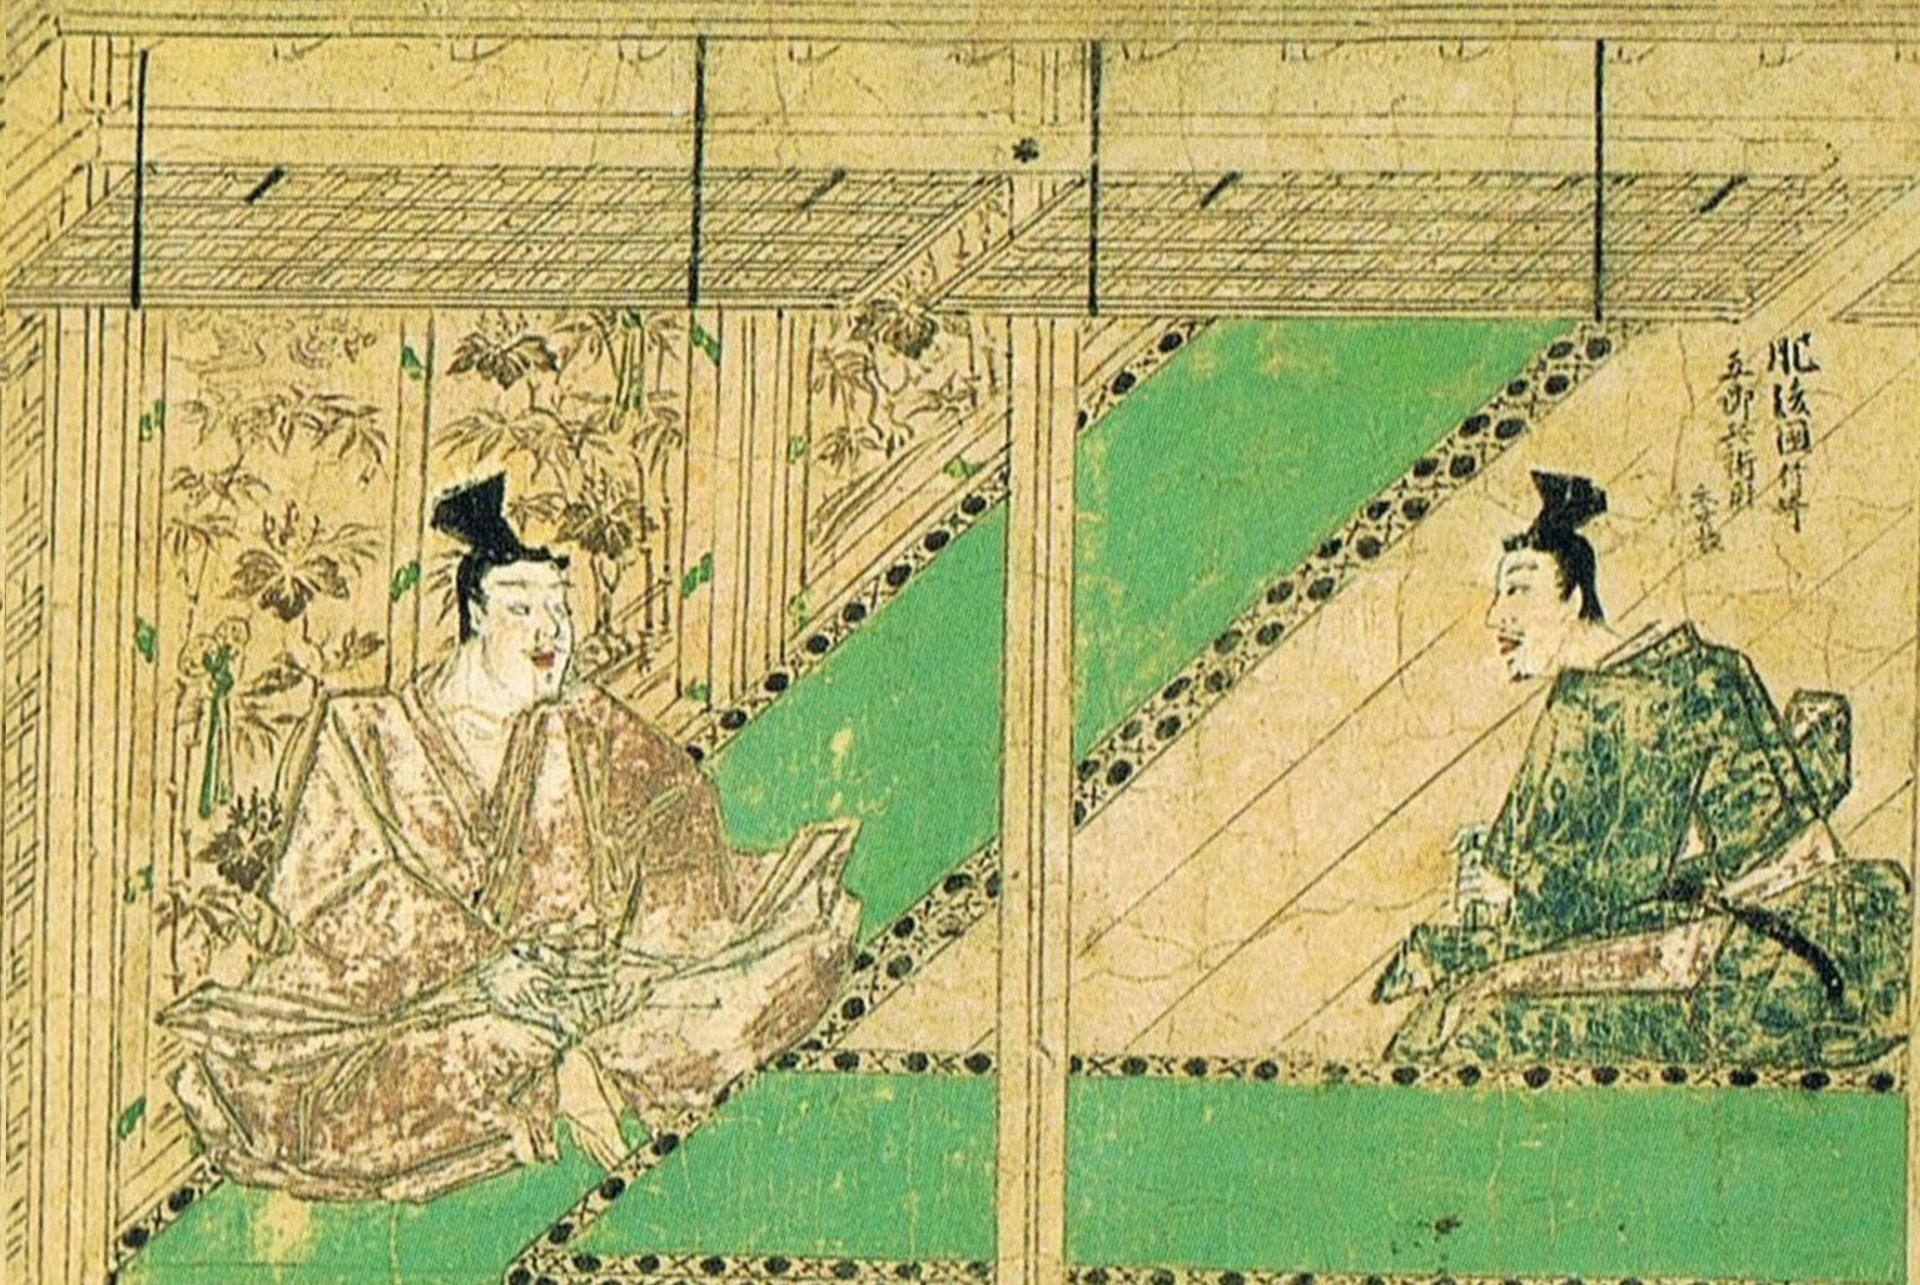 鎌倉時代の魅力って何?